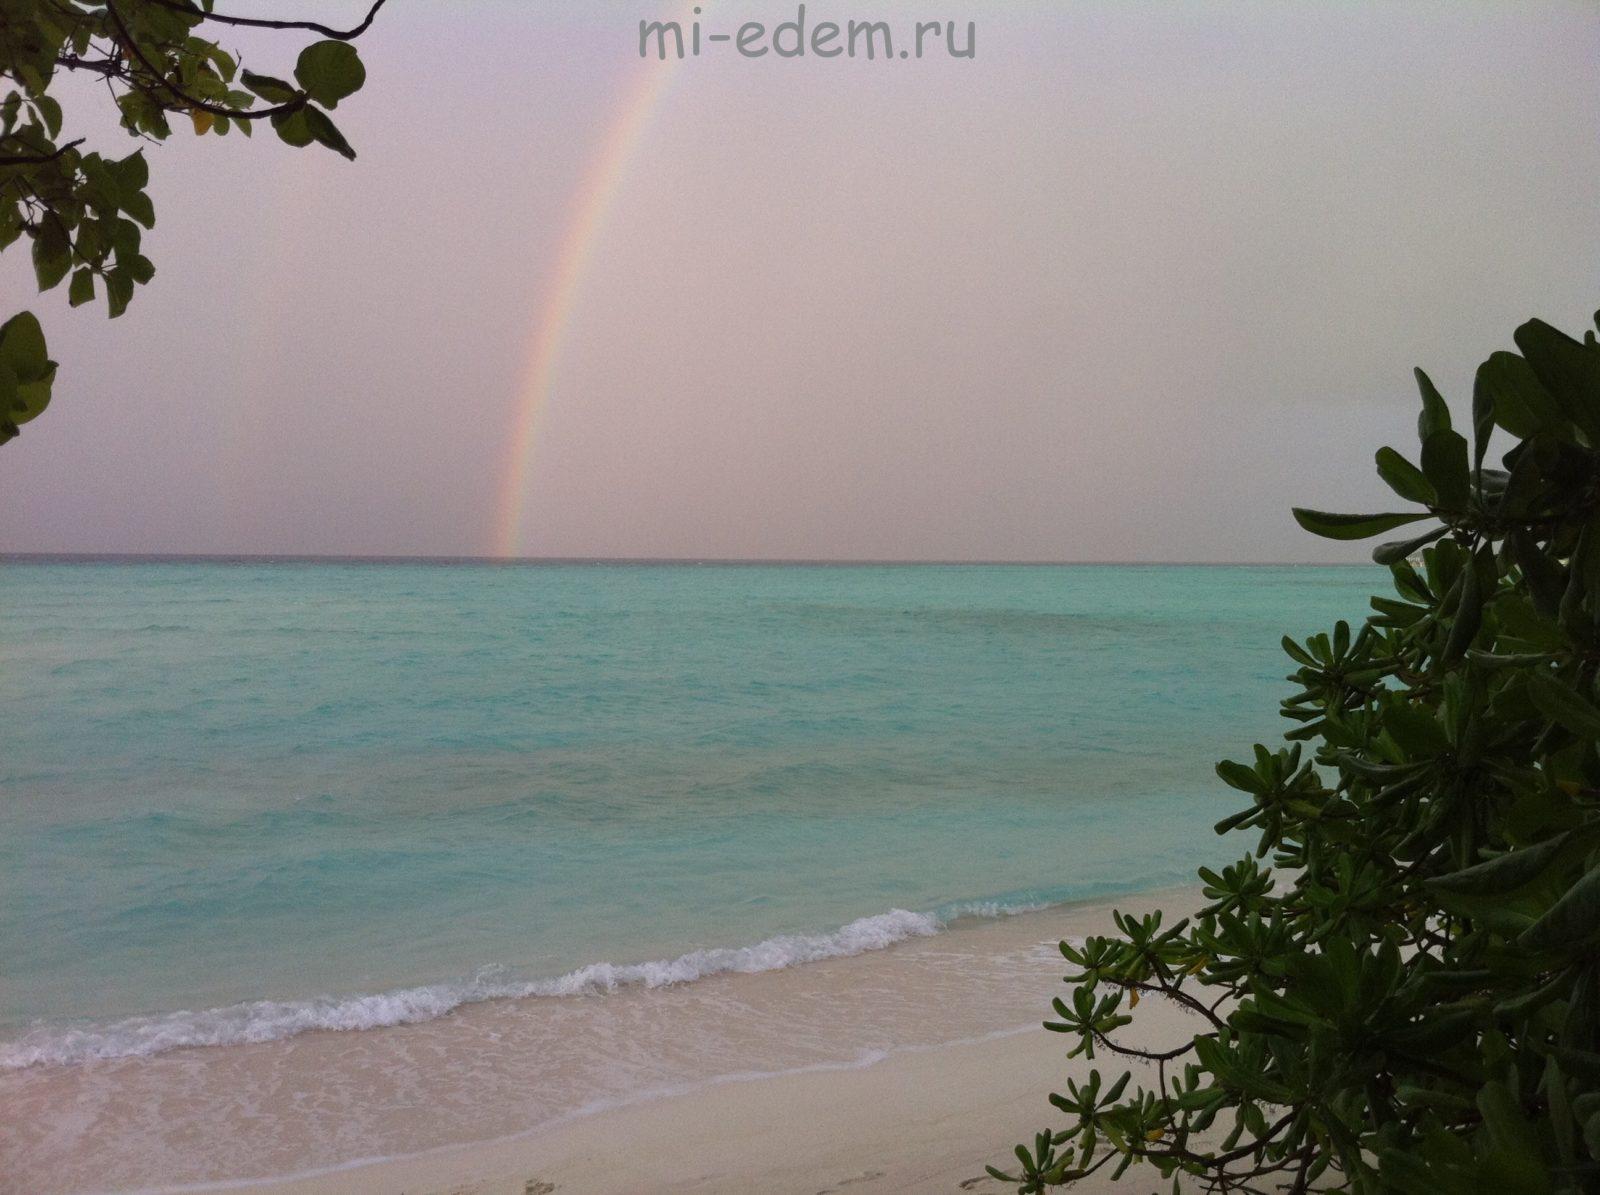 Погода на Мальдивах в апреле